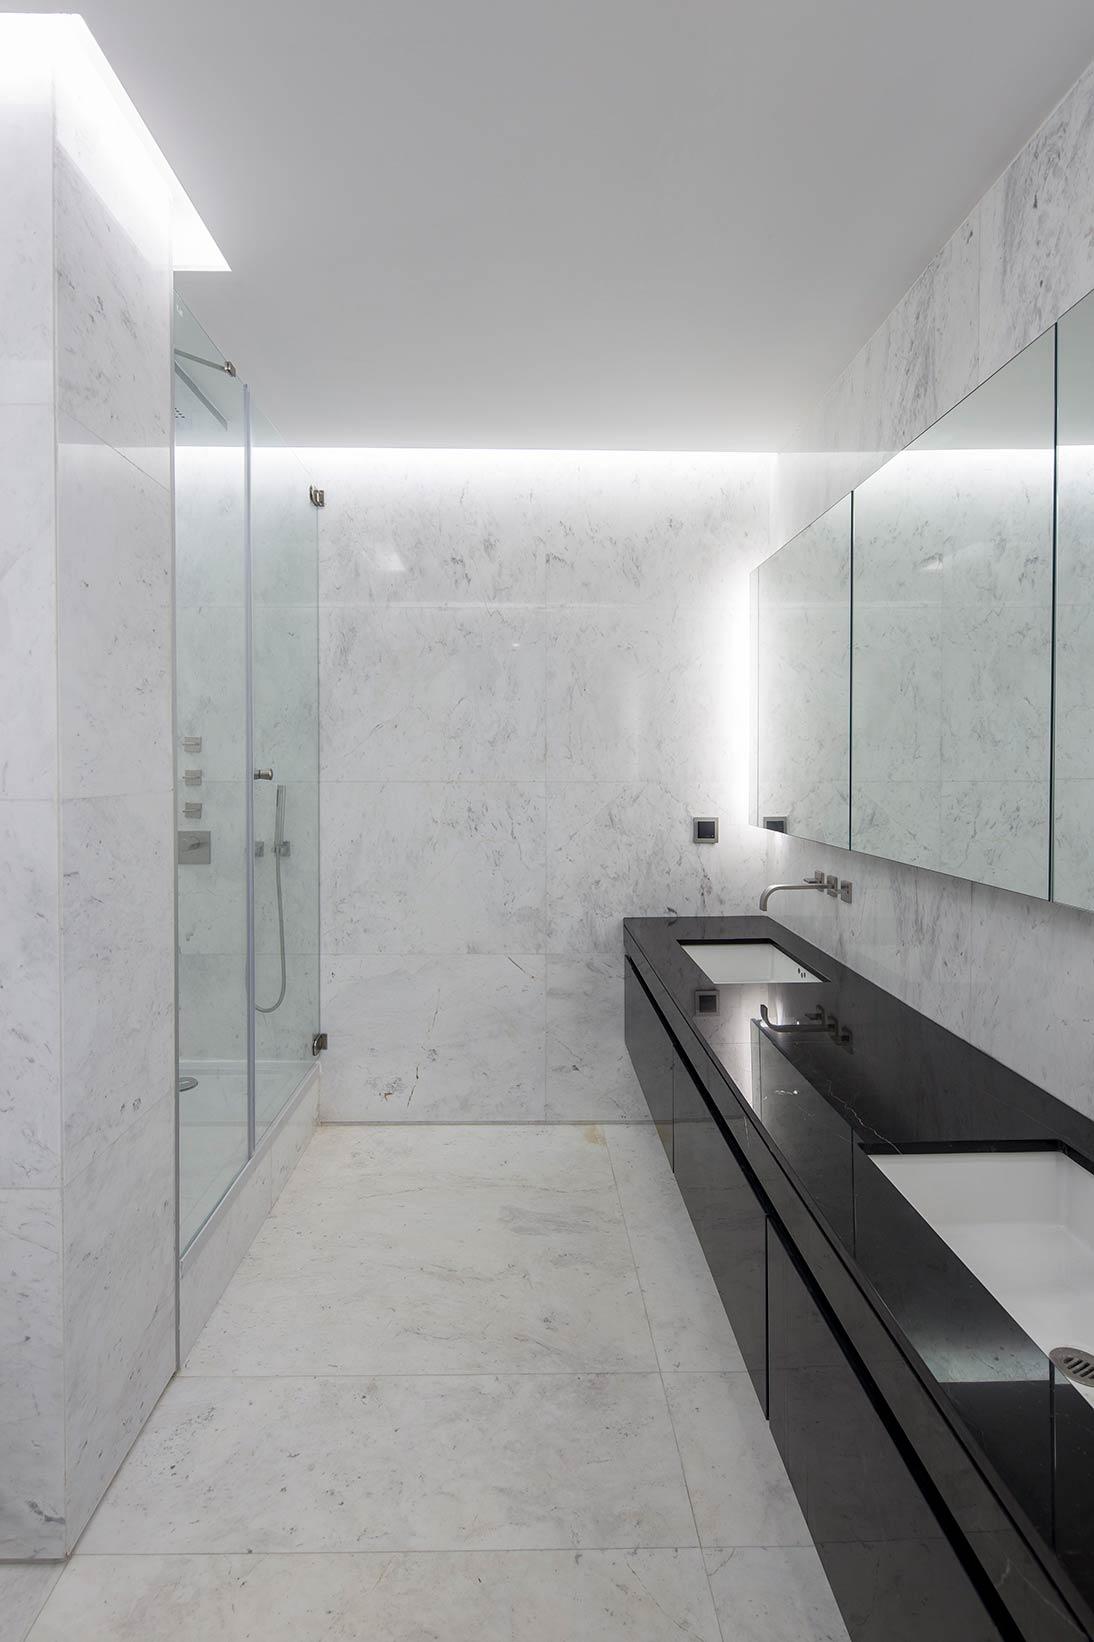 qent-istinye-porsche-design-project-luxury-42.jpg